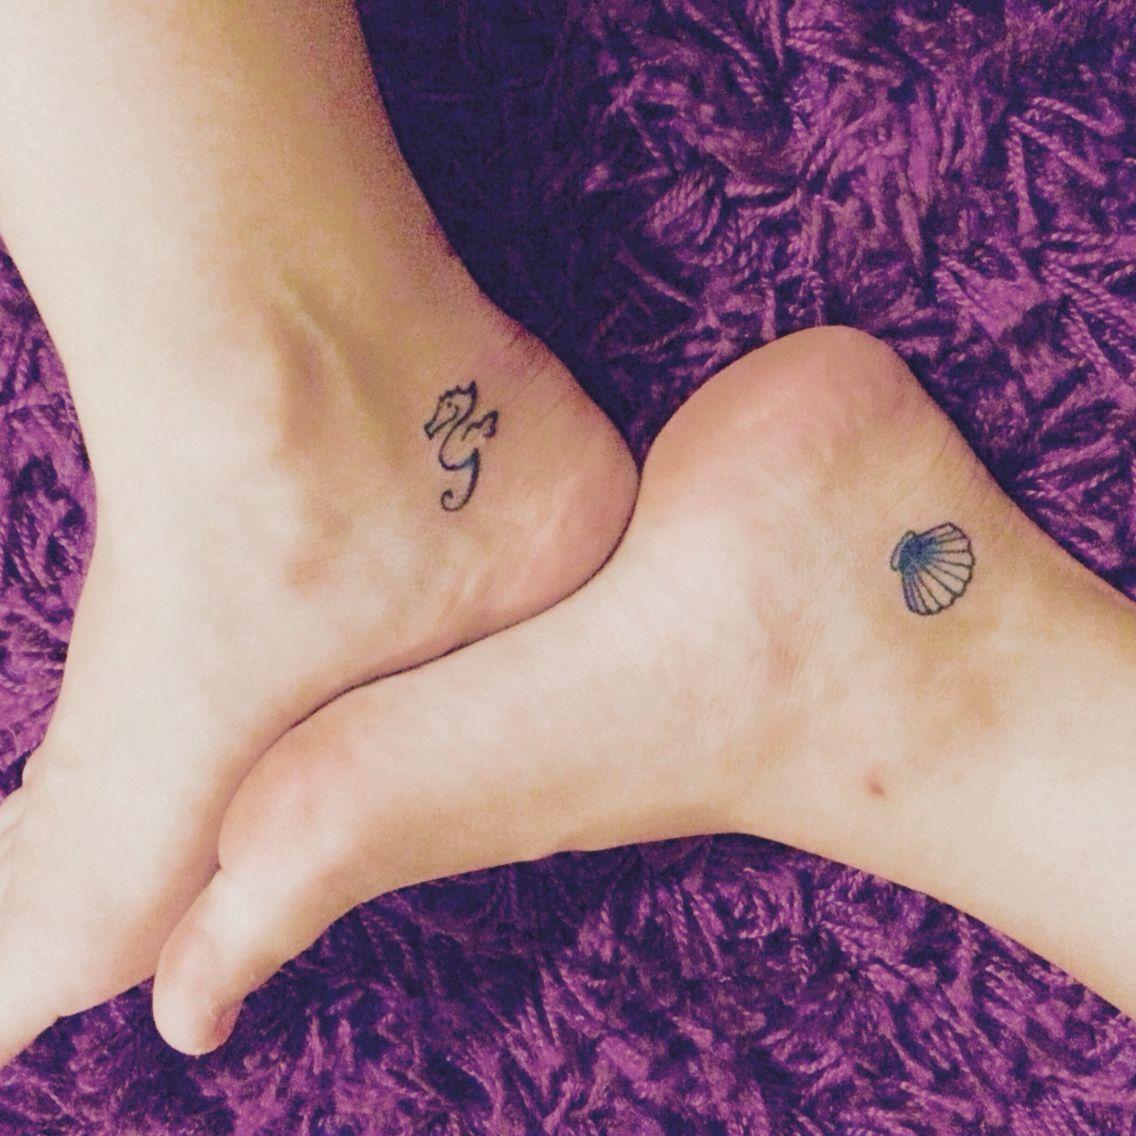 Pin By Bliblablub On Tattoos Tattoos Paw Print Tattoo Print Tattoos